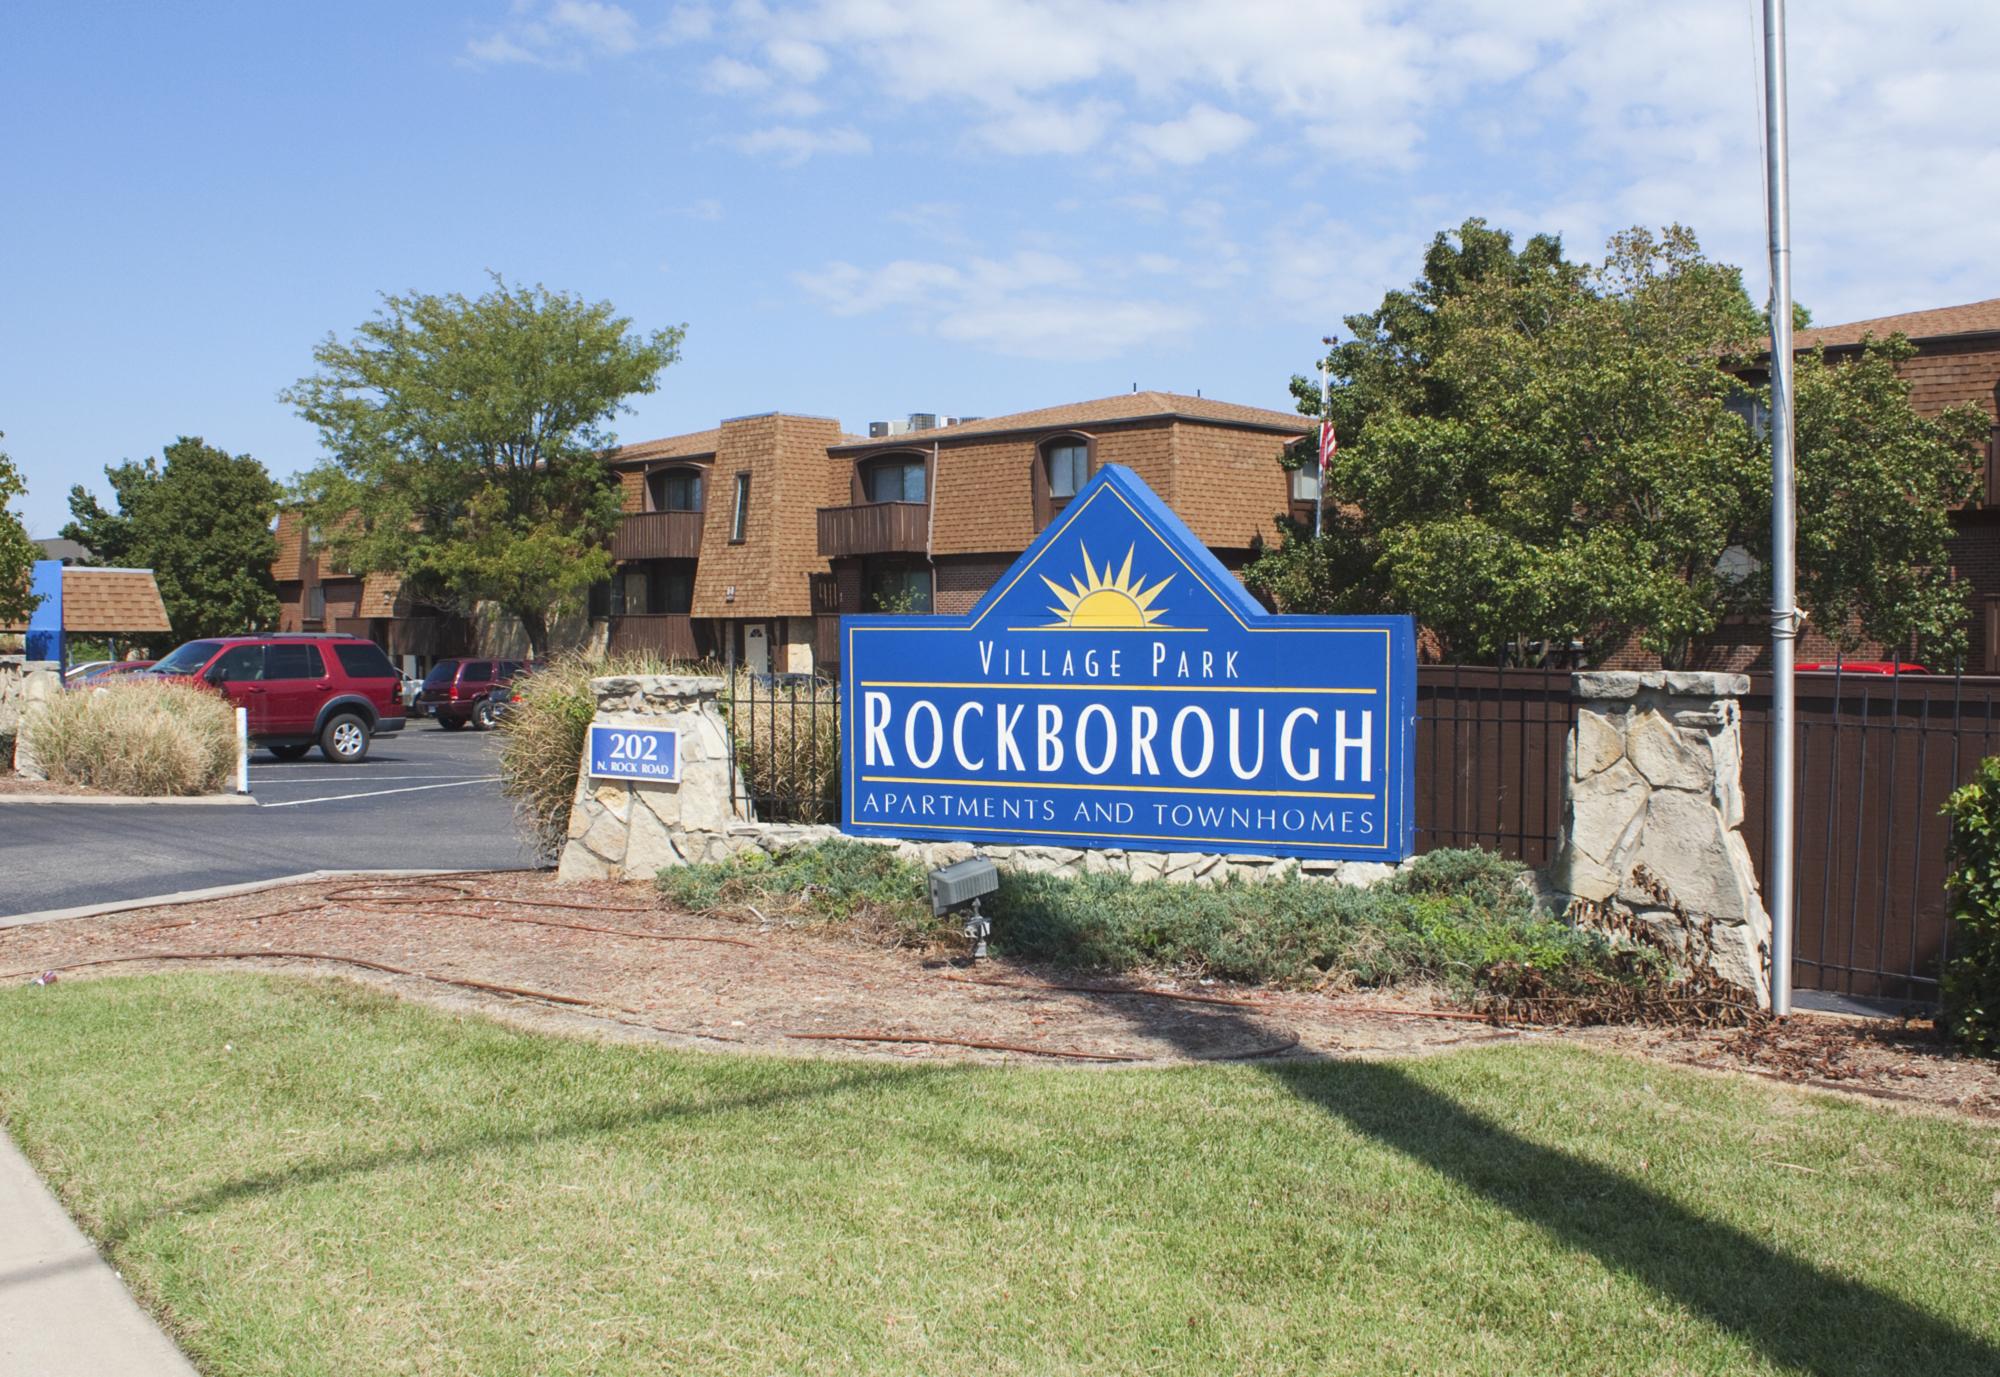 RockboroughSign2.jpg